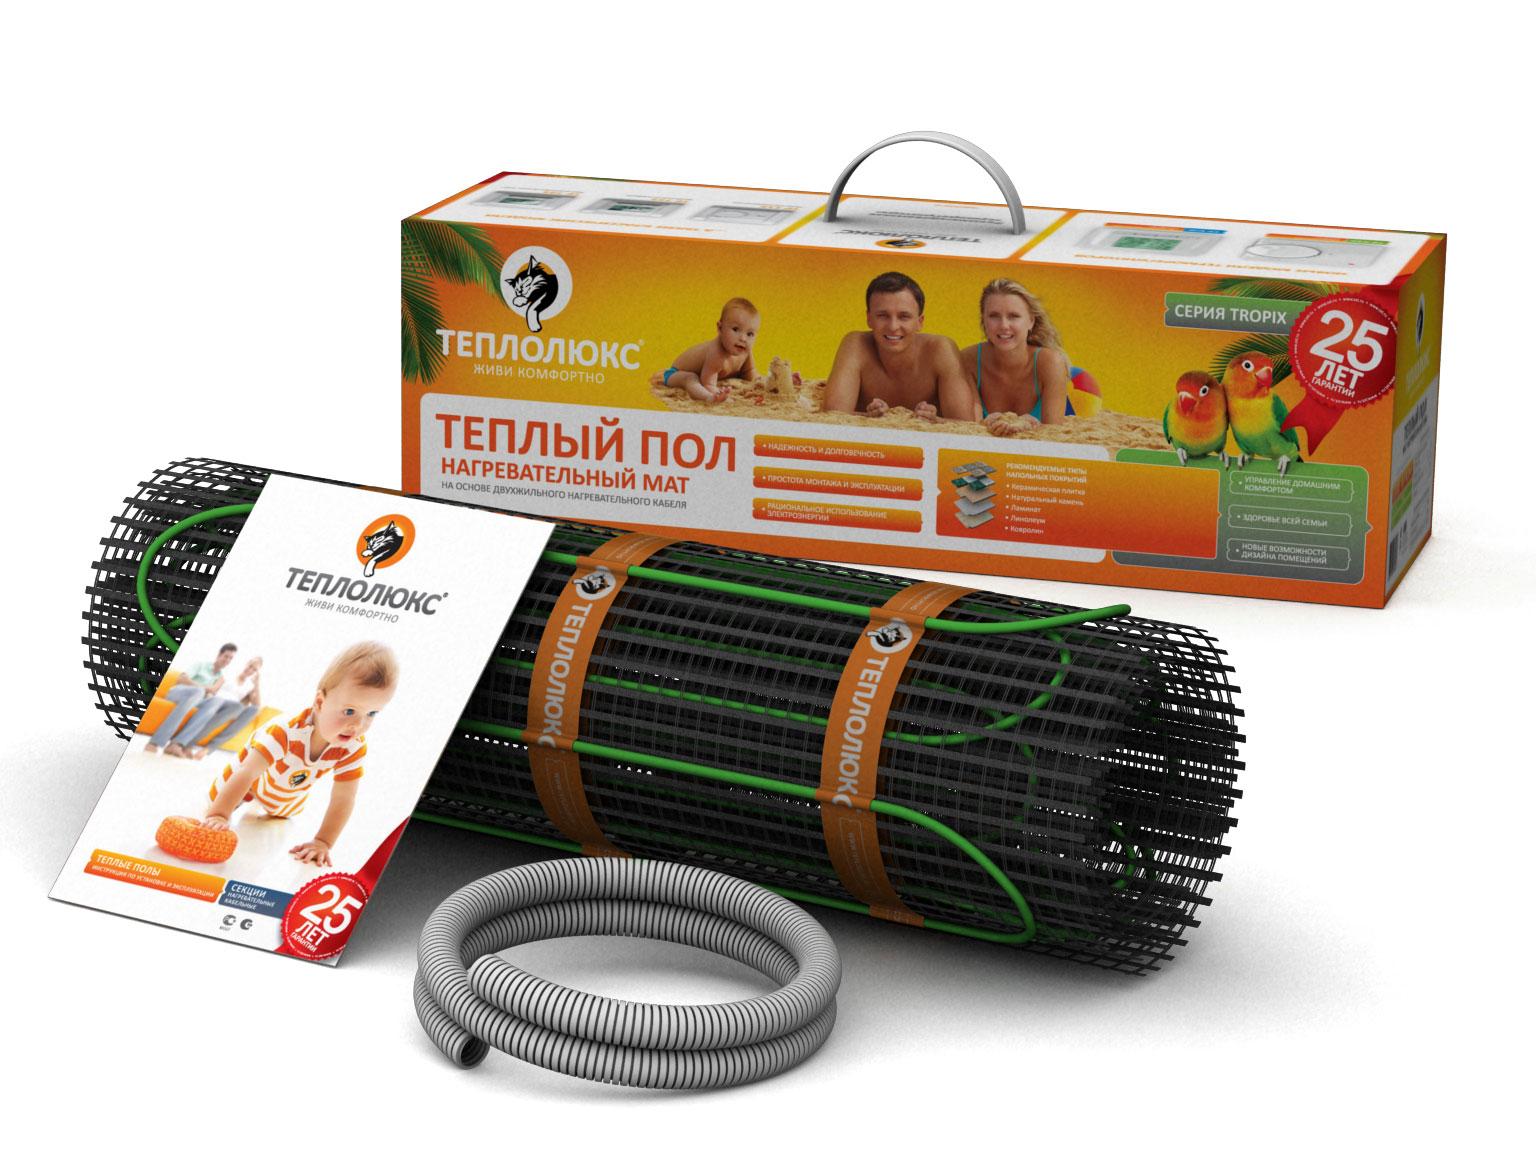 Купить Нагревательный мат Теплолюкс Tropix МНН 130-1, 0 кв.м с двухжильным экранированным кабелем, Россия